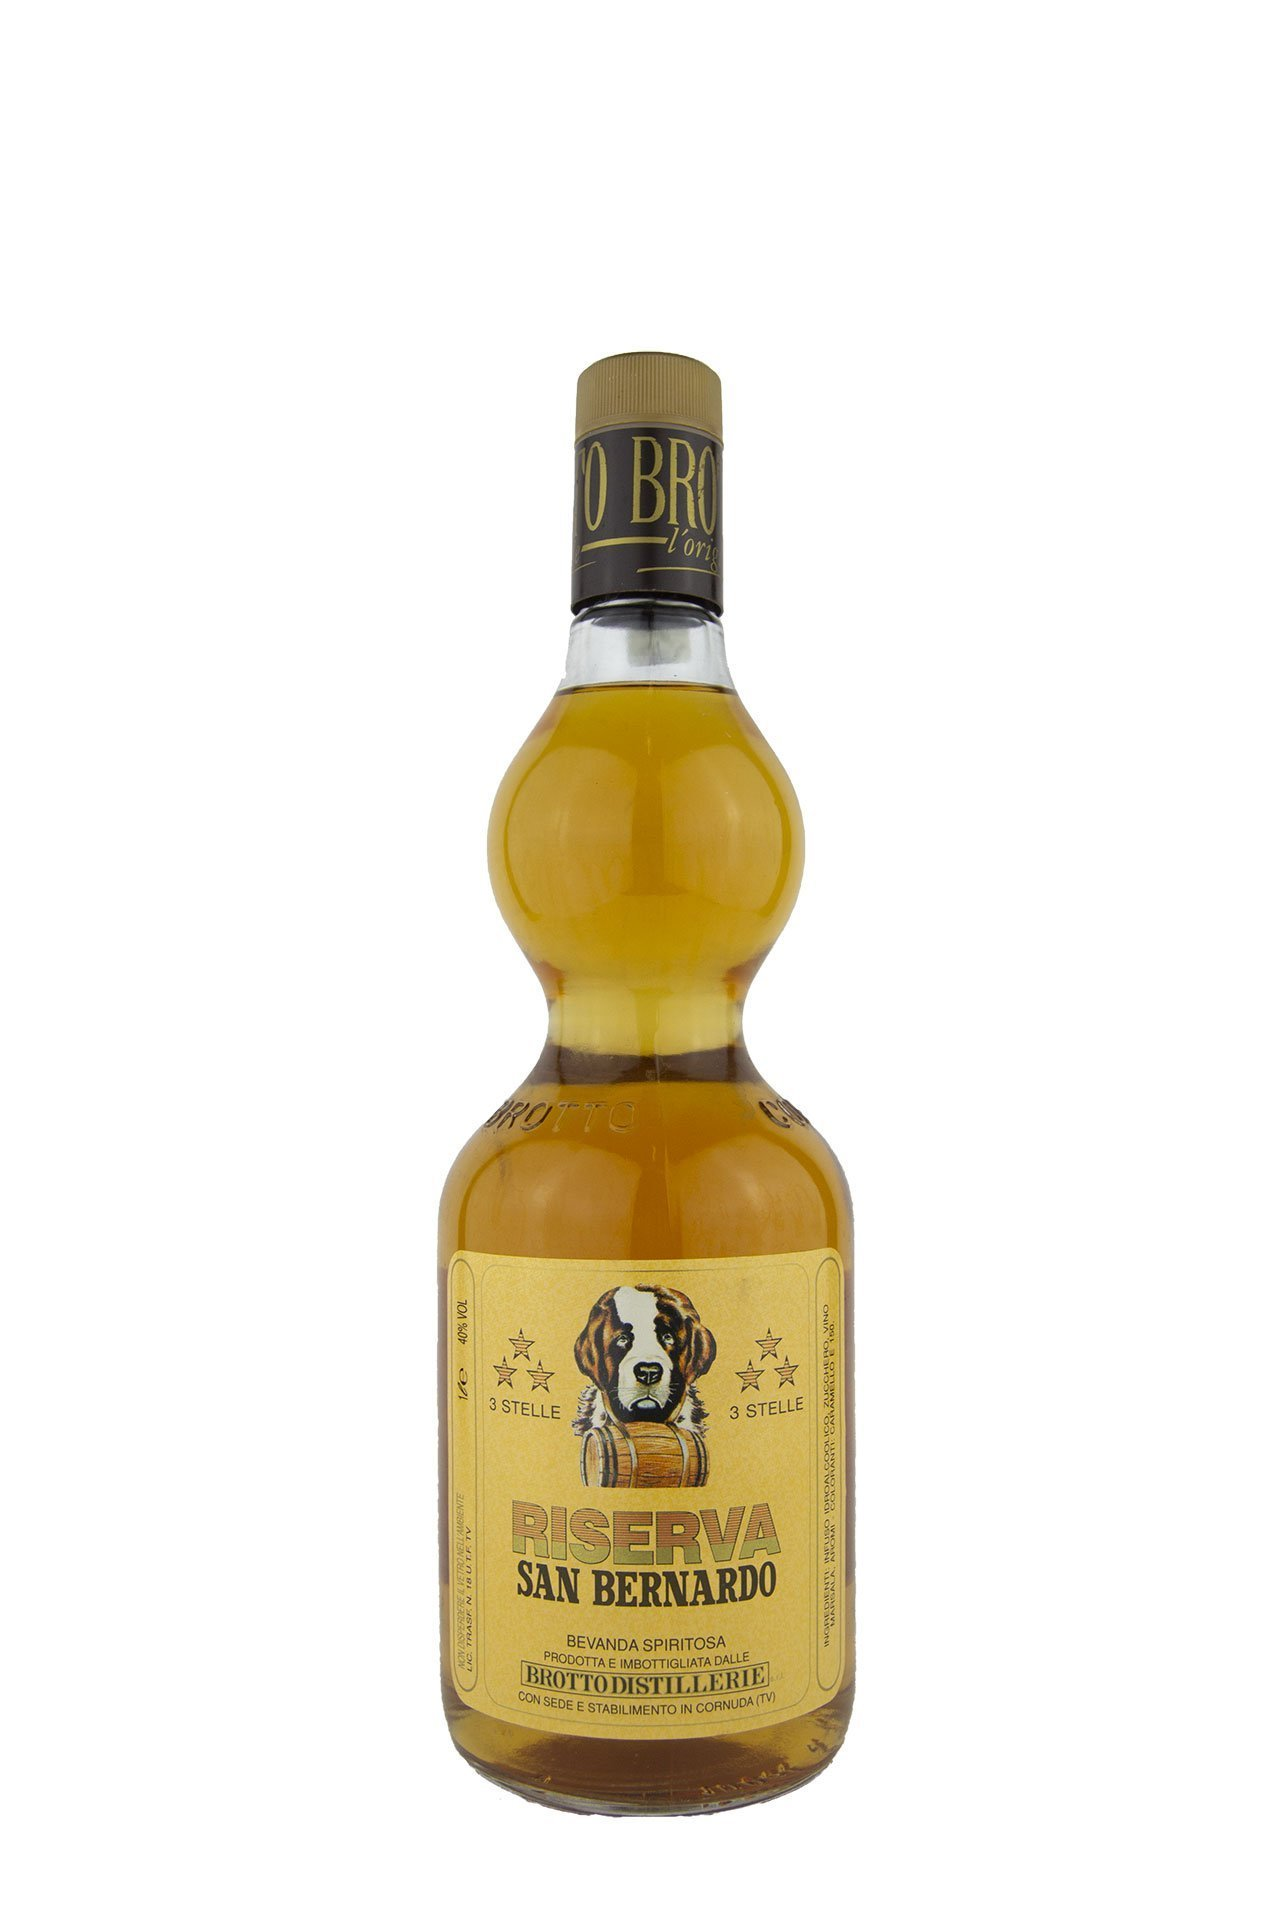 Brotto – Riserva San Bernardo